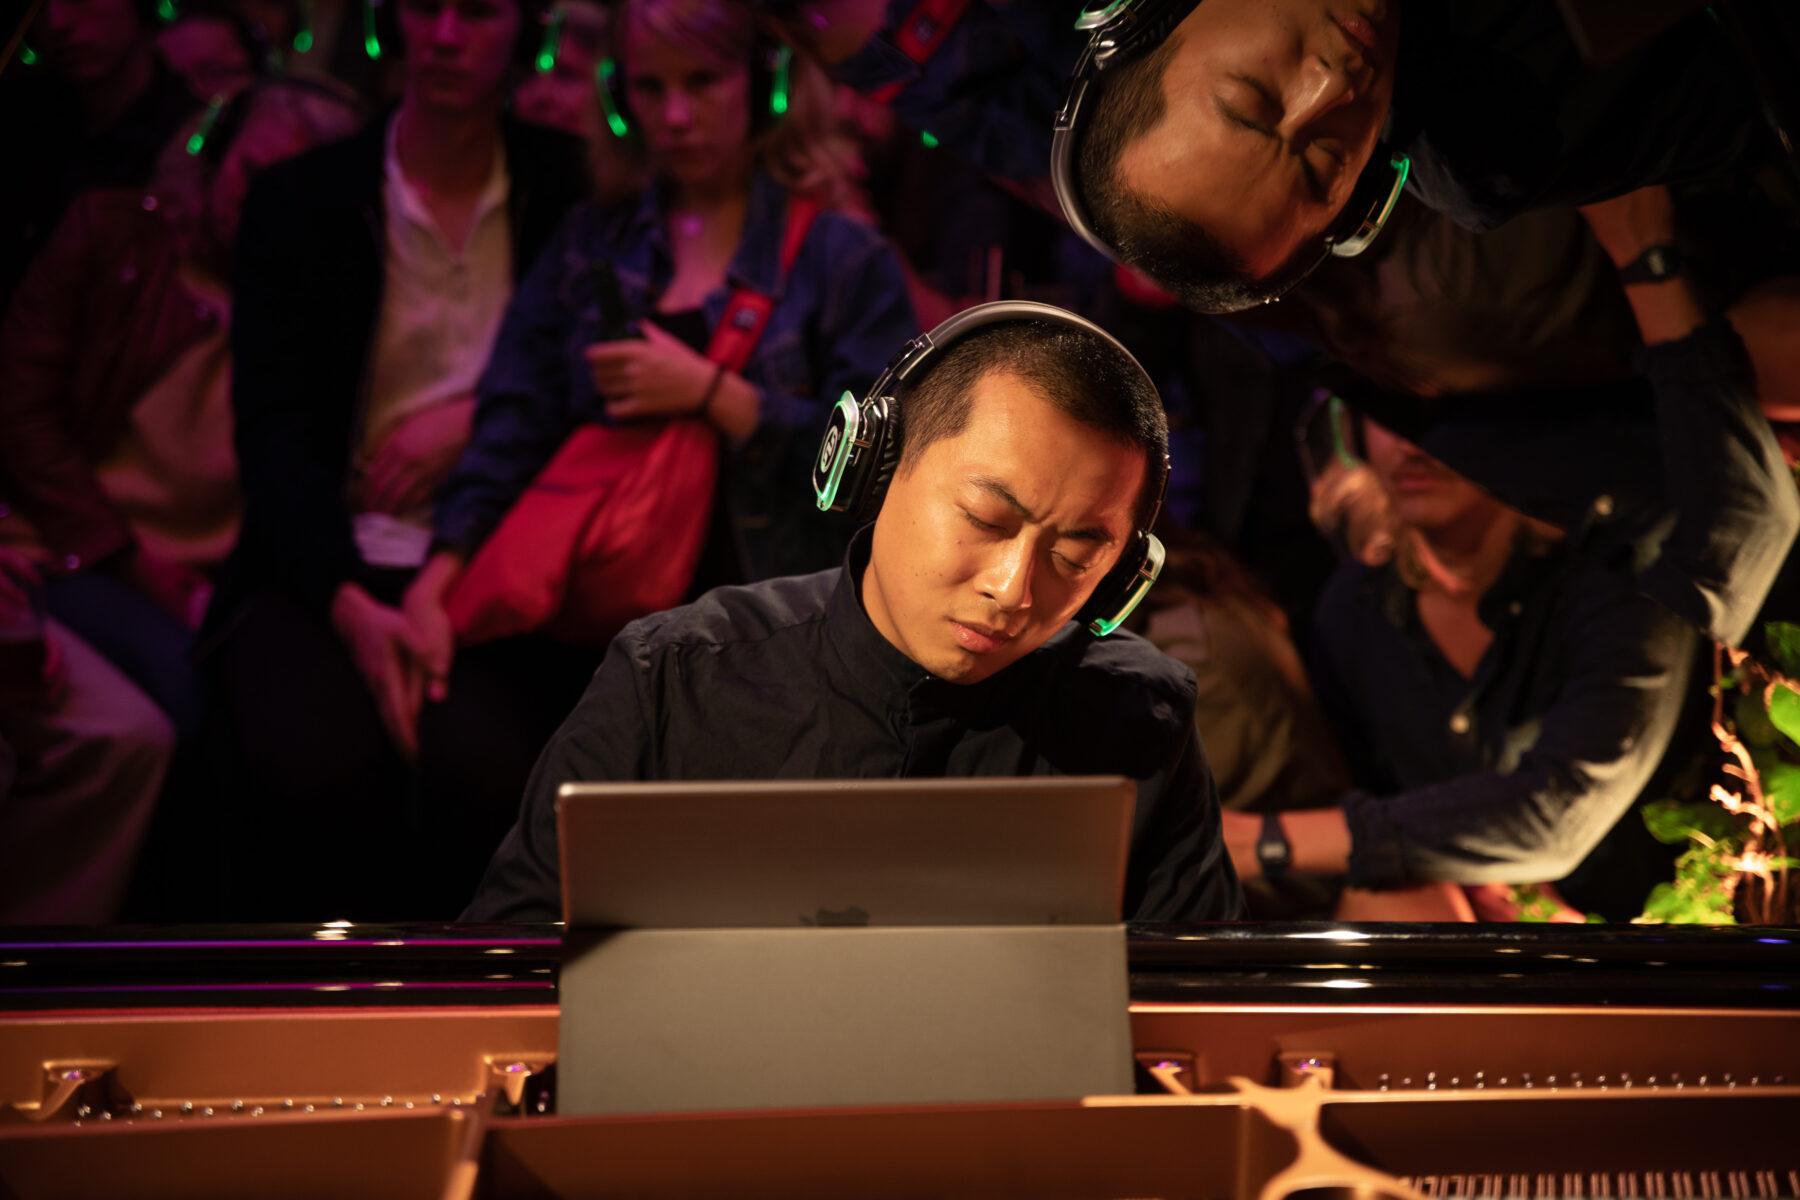 Gränslandets symfoniska fest 2019 med pianisten David Huang